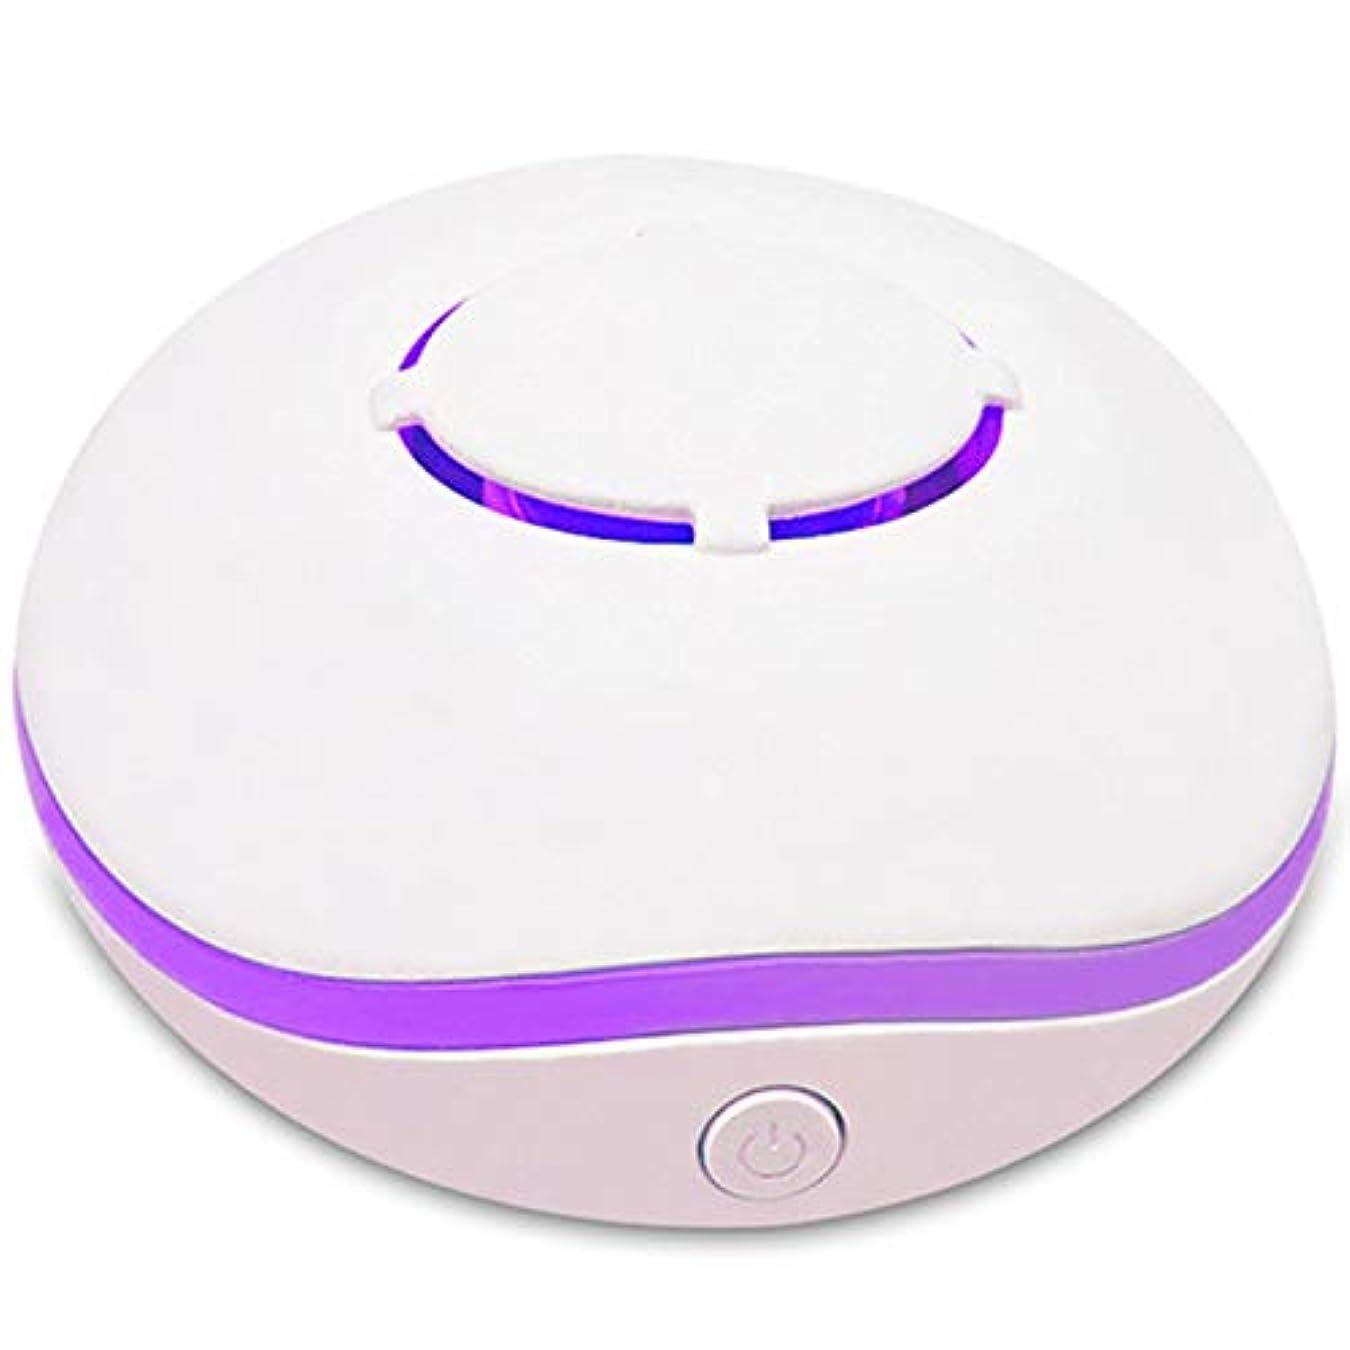 熱心な代わりのロッカーSODIAL 無水アロマ?ミニディフューザー、エッセンシャルオイルの携帯用ネブライザー、アロマオイルの拡散、家庭用、2つの接続電源モード、白色